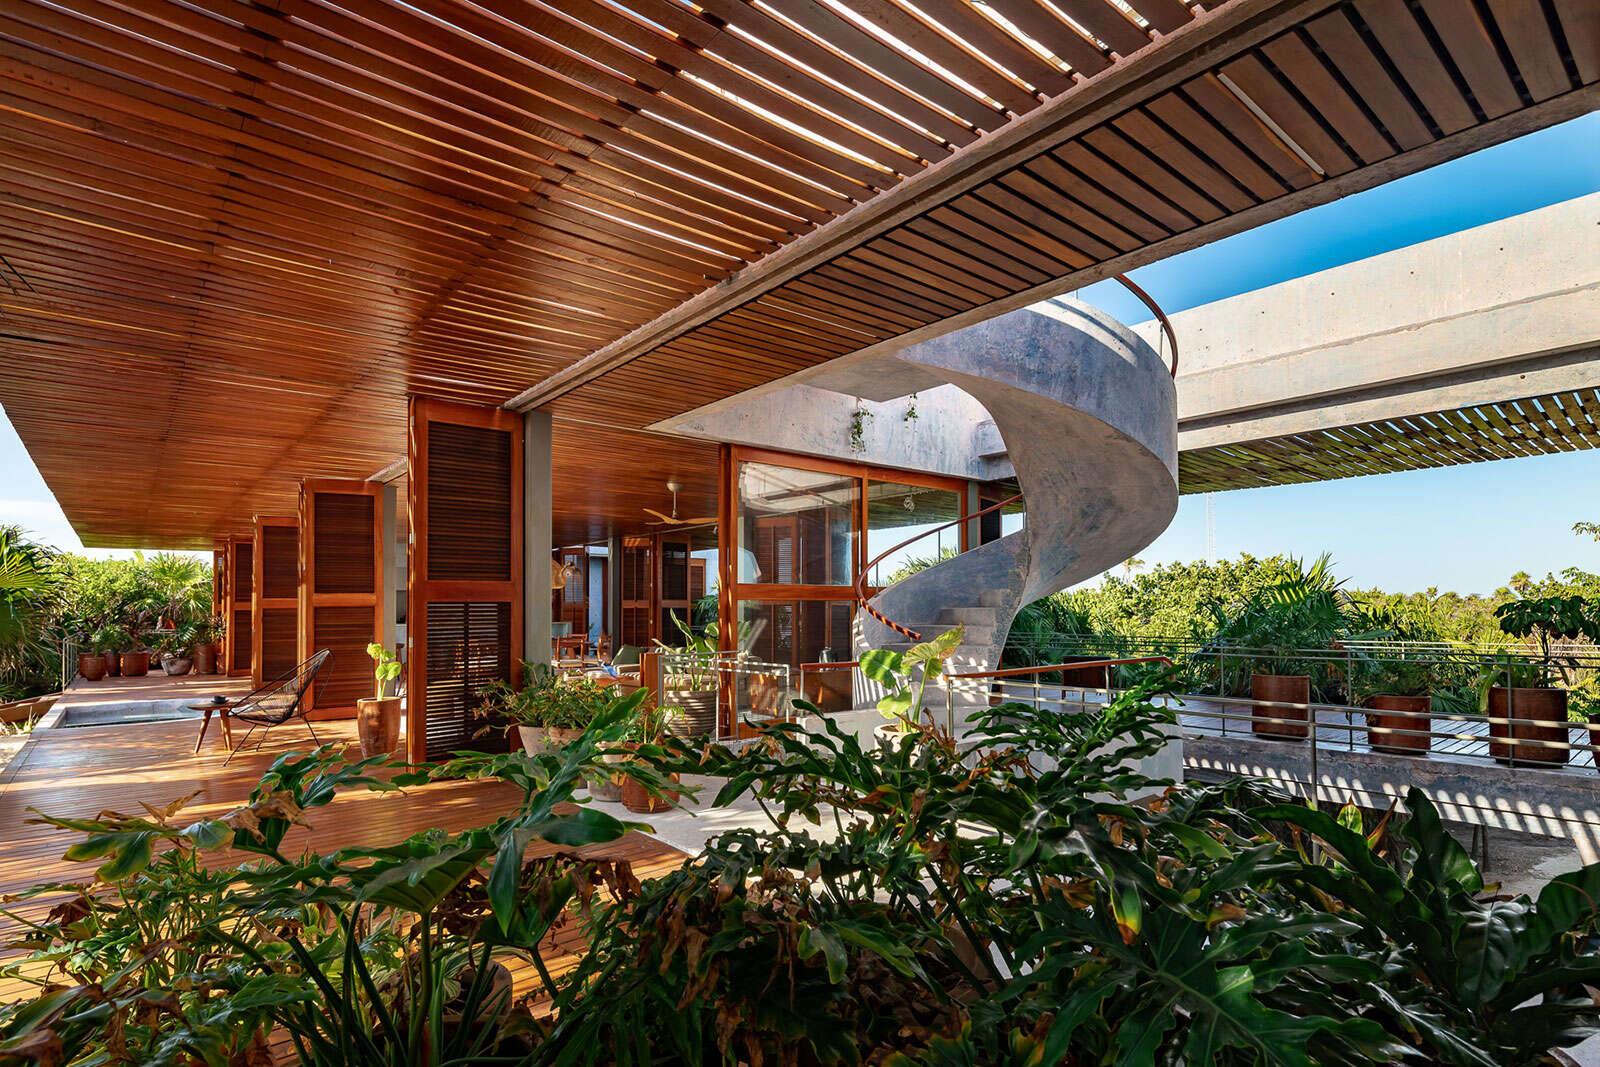 Luxury vacation rentals mexico - Riviera maya - Sian ka an - Casa Bautista - Image 1/17